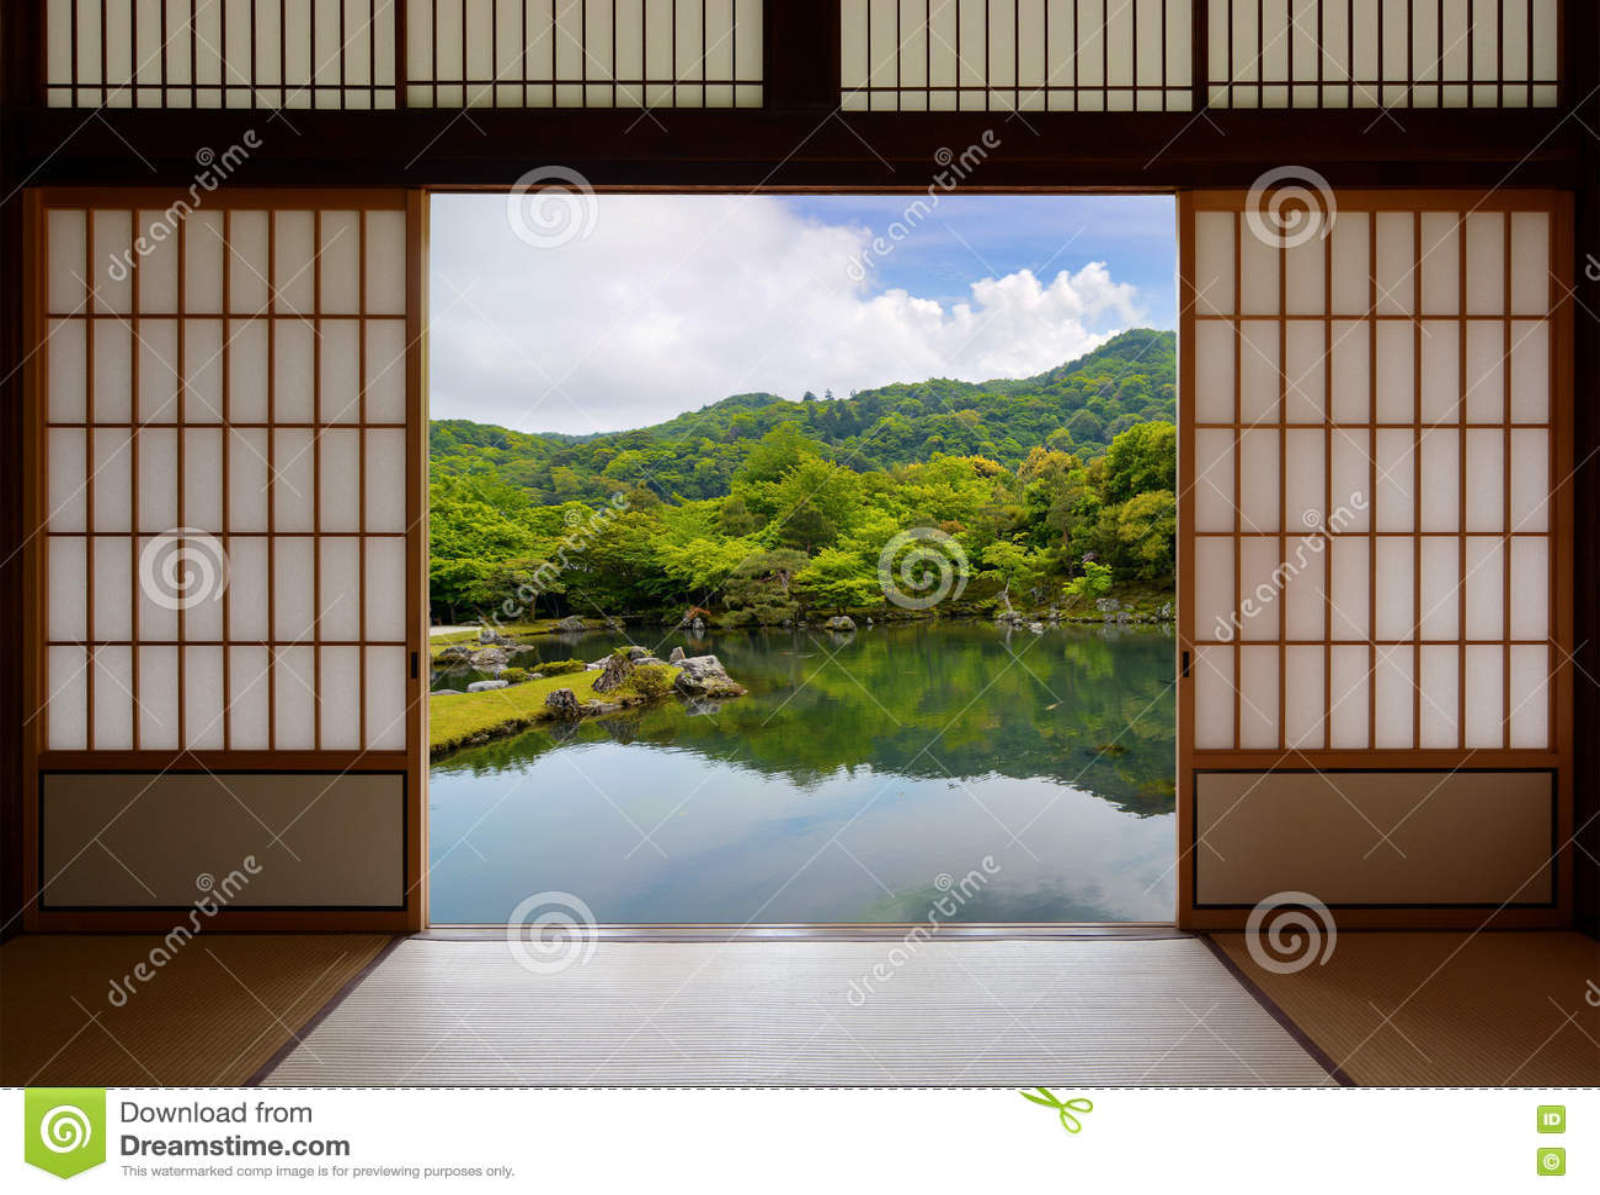 Puertas deslizantes puerta corrediza rstica de madera for Puertas japonesas deslizantes